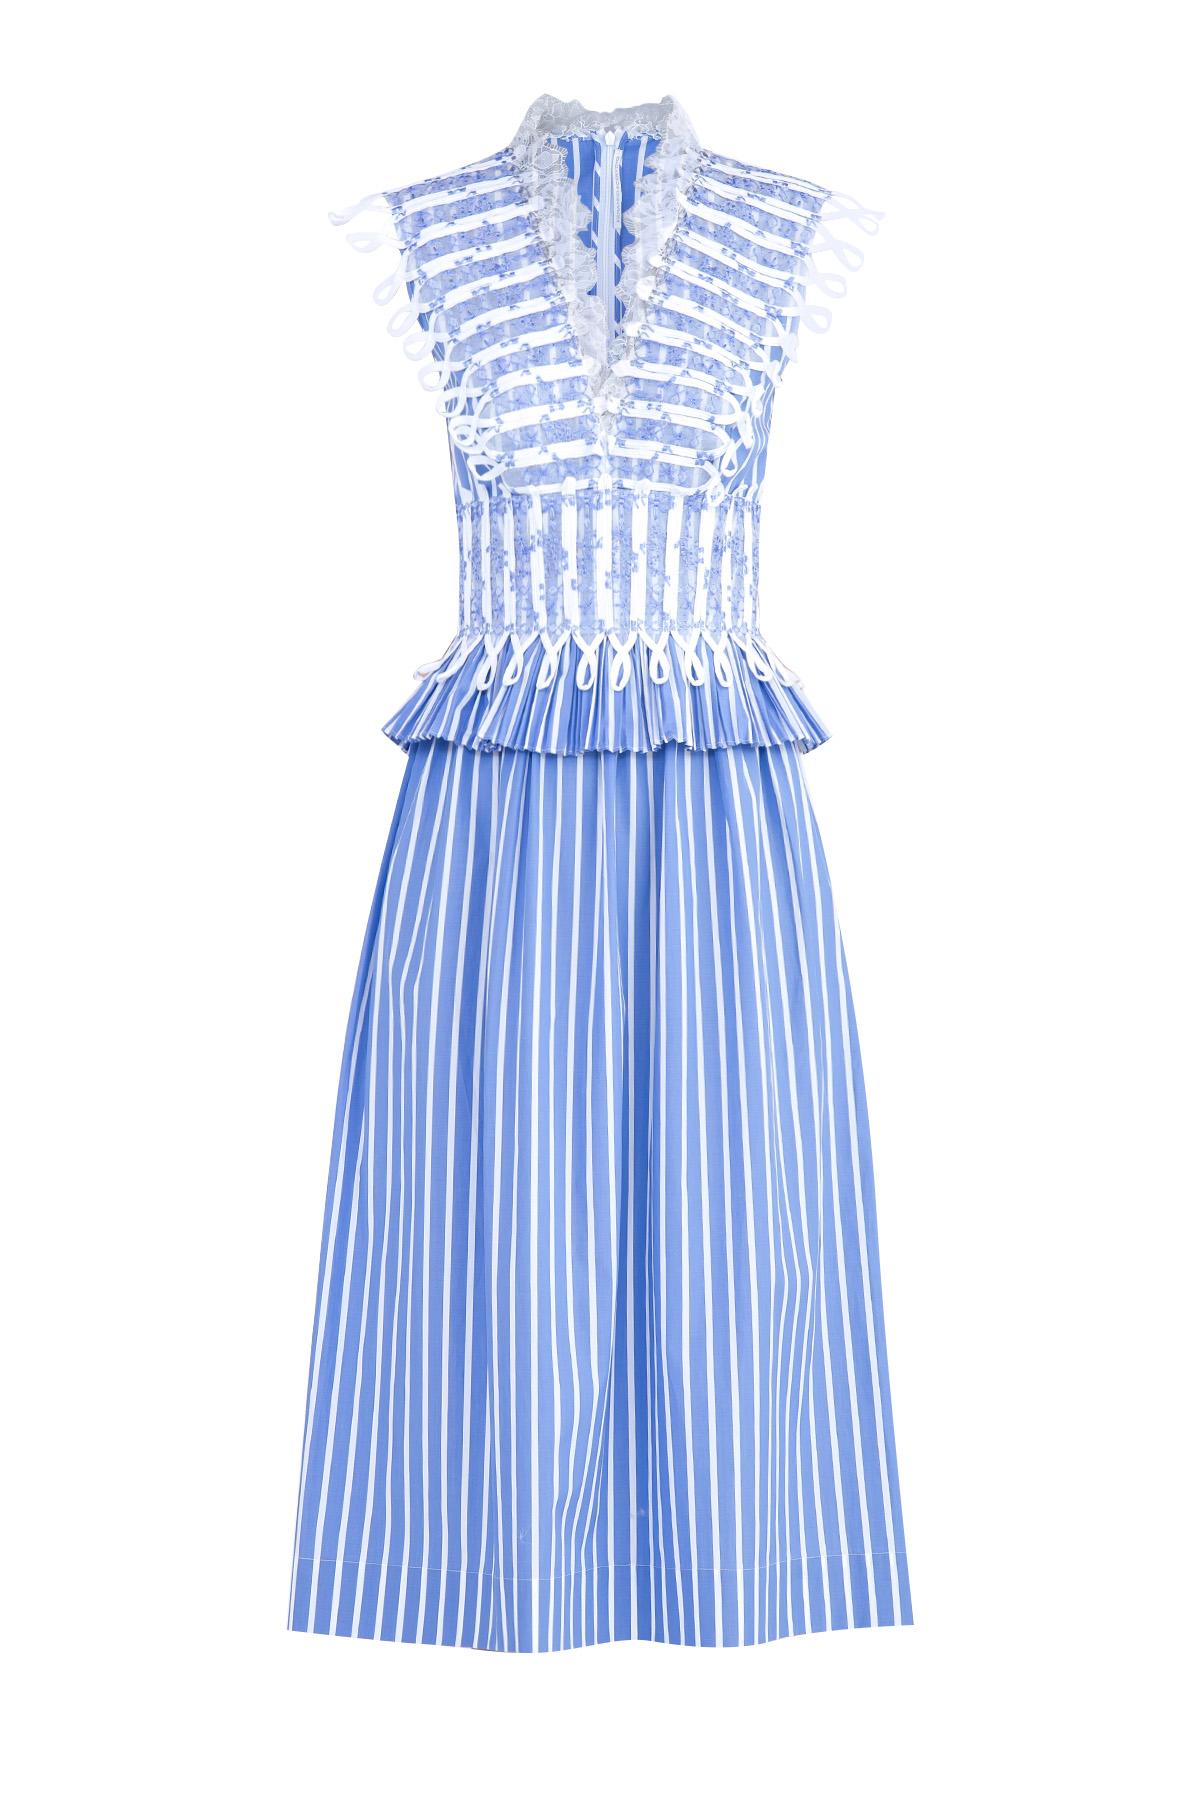 Купить Платье, ERMANNO SCERVINO, Италия, хлопок 100%